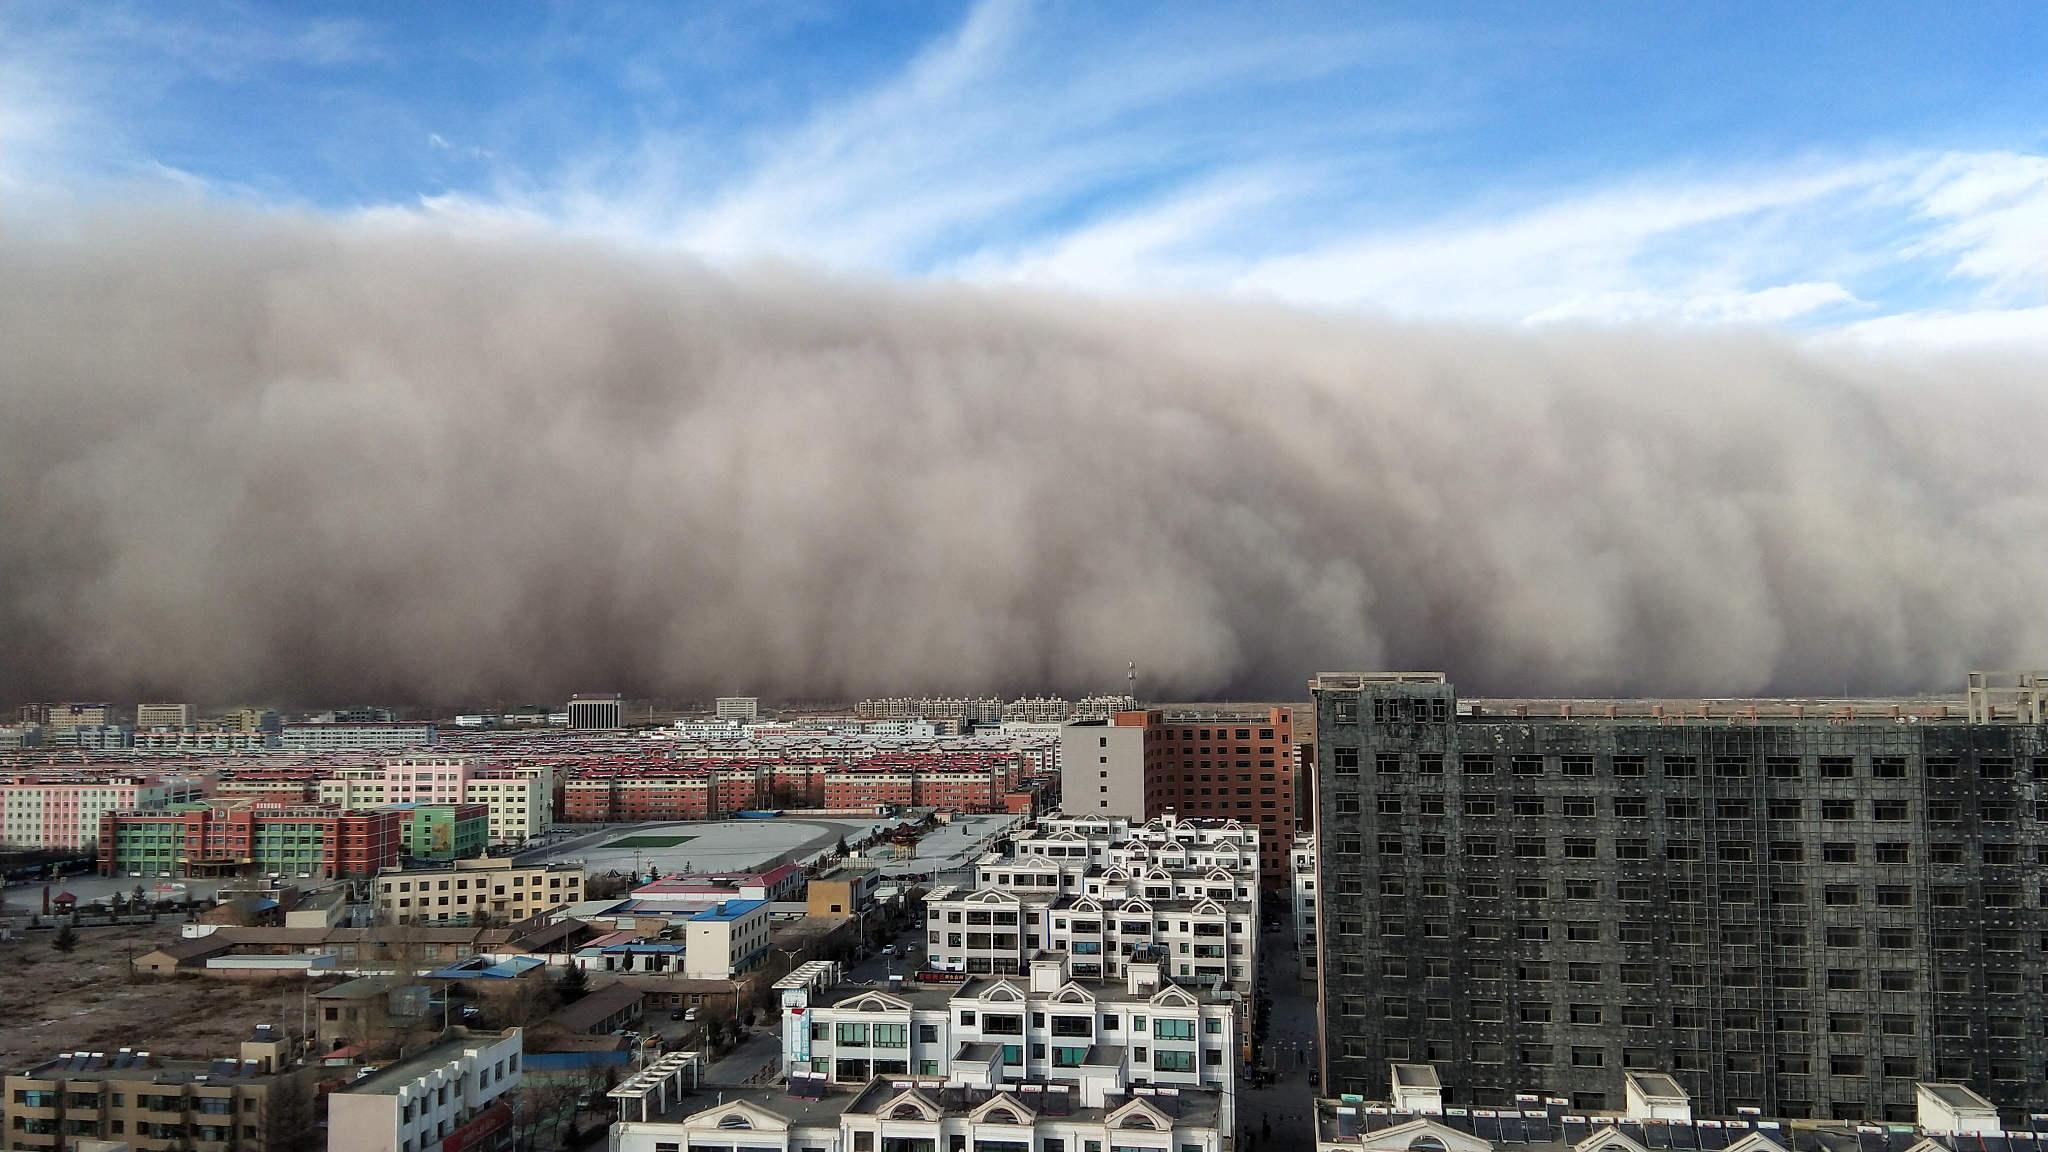 tempesta di sabbia si abbatte sull'abitato